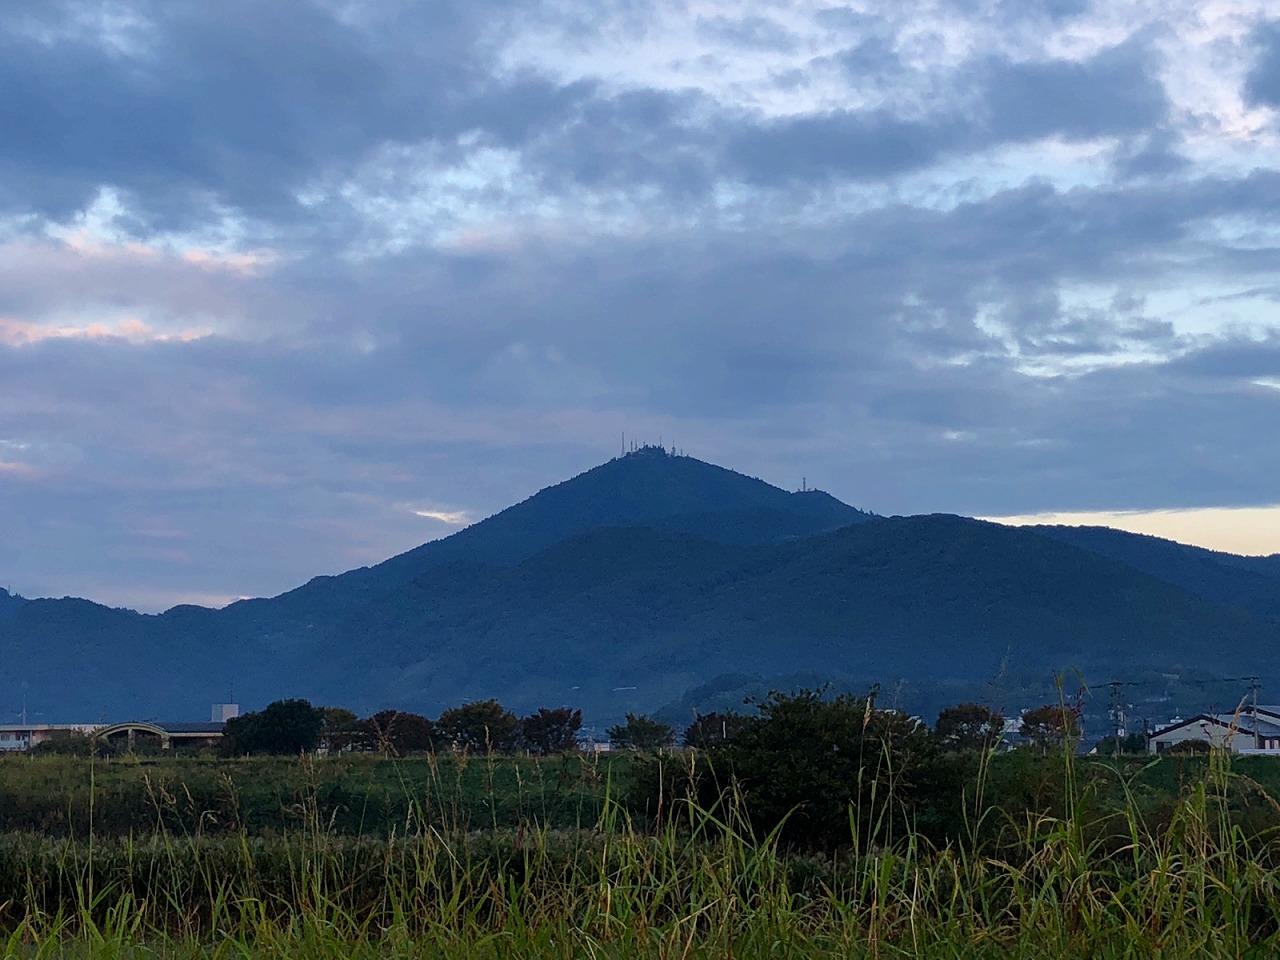 2018.10.23今朝の金峰山です。